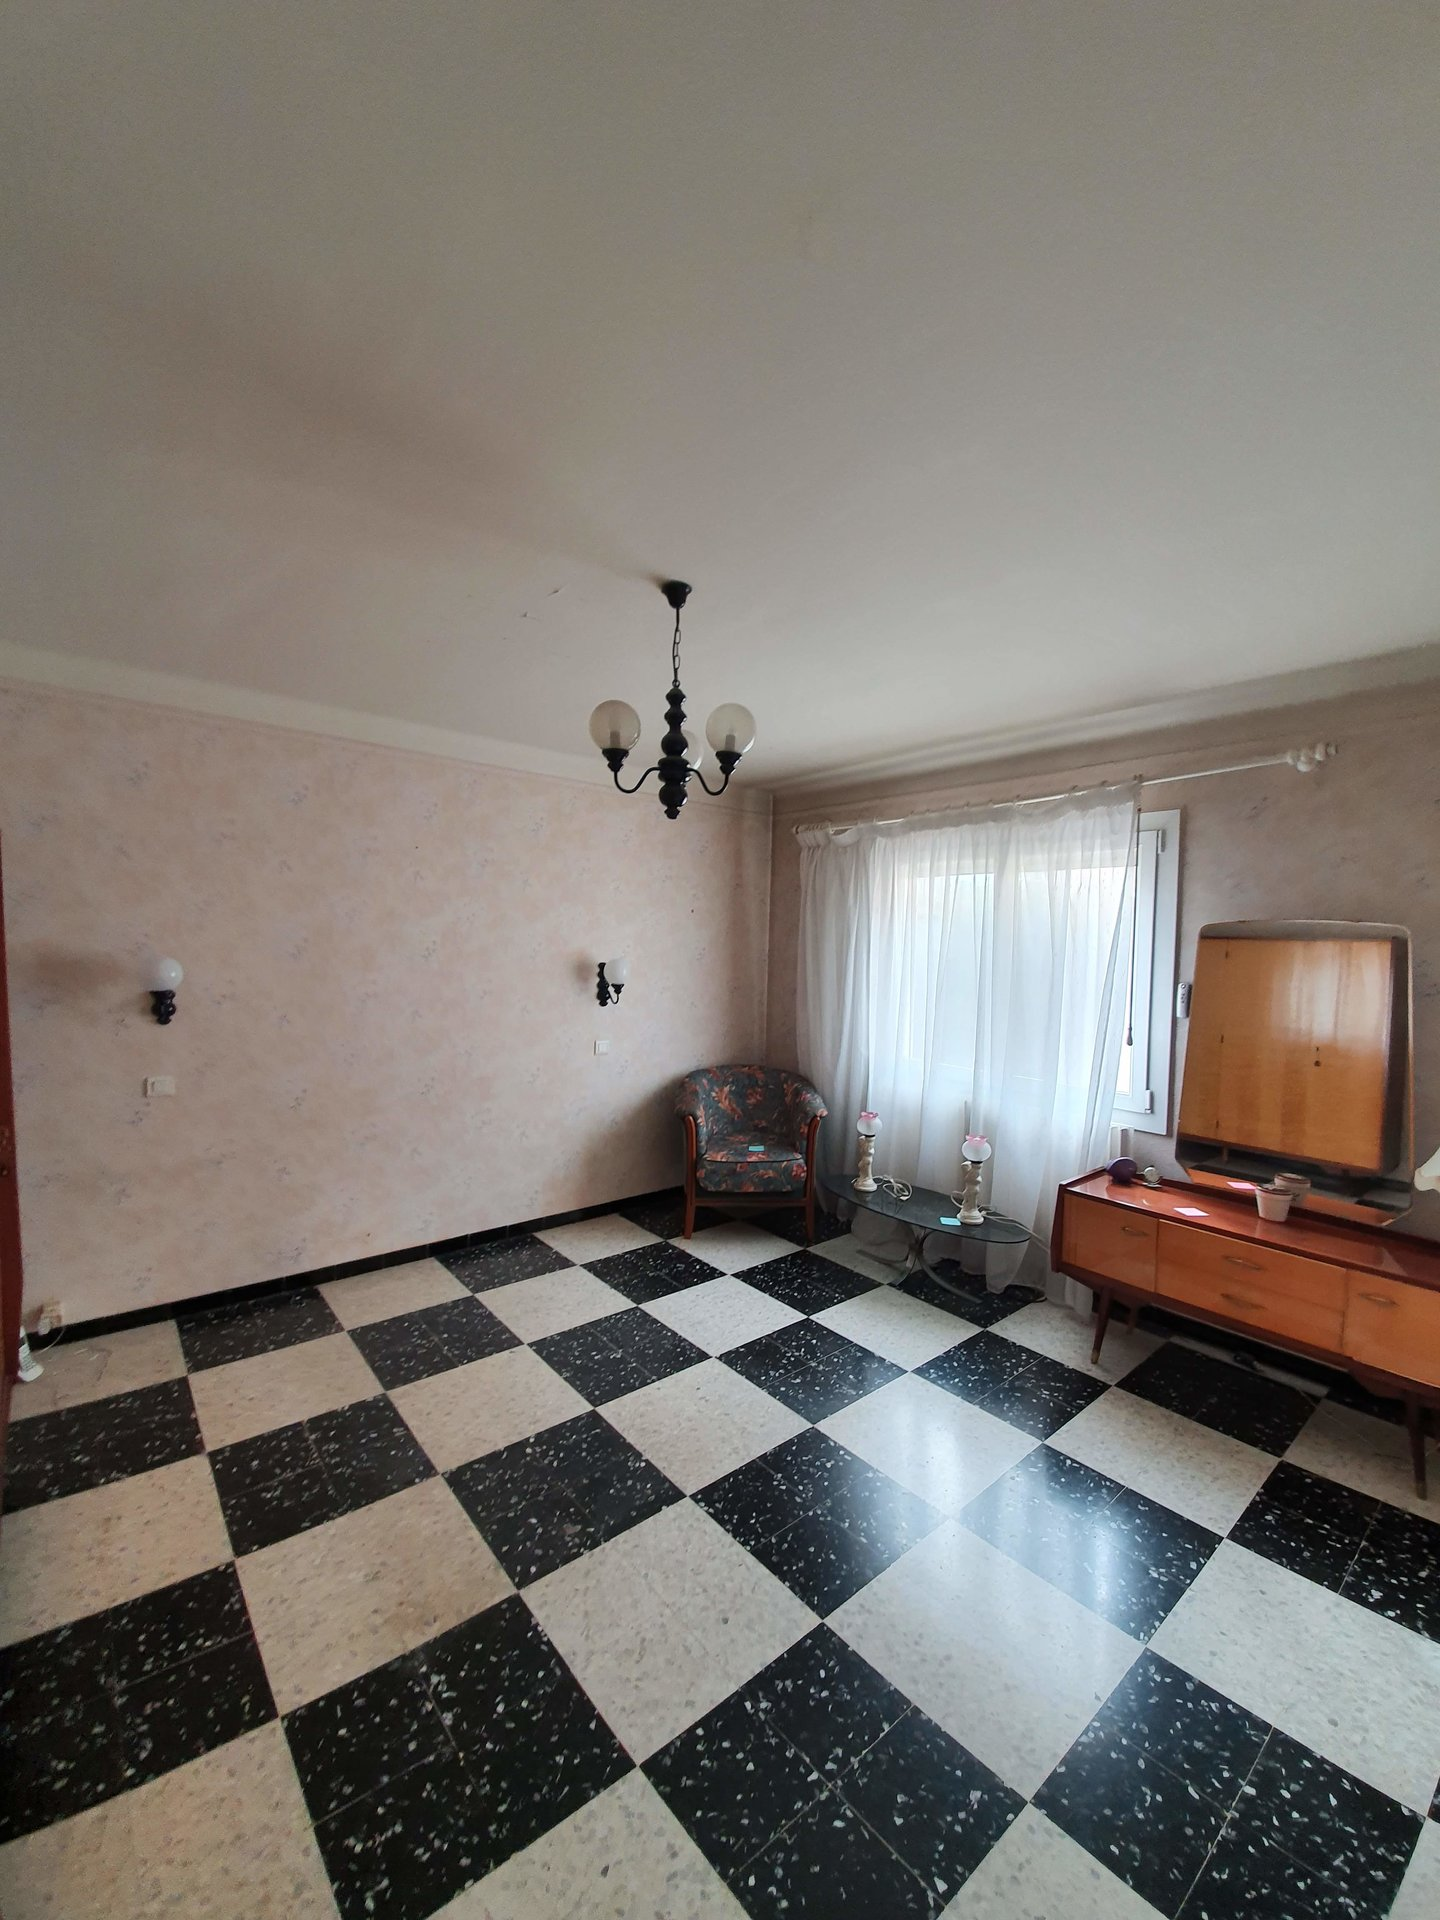 Appartement de Type 3/4 de 98m²